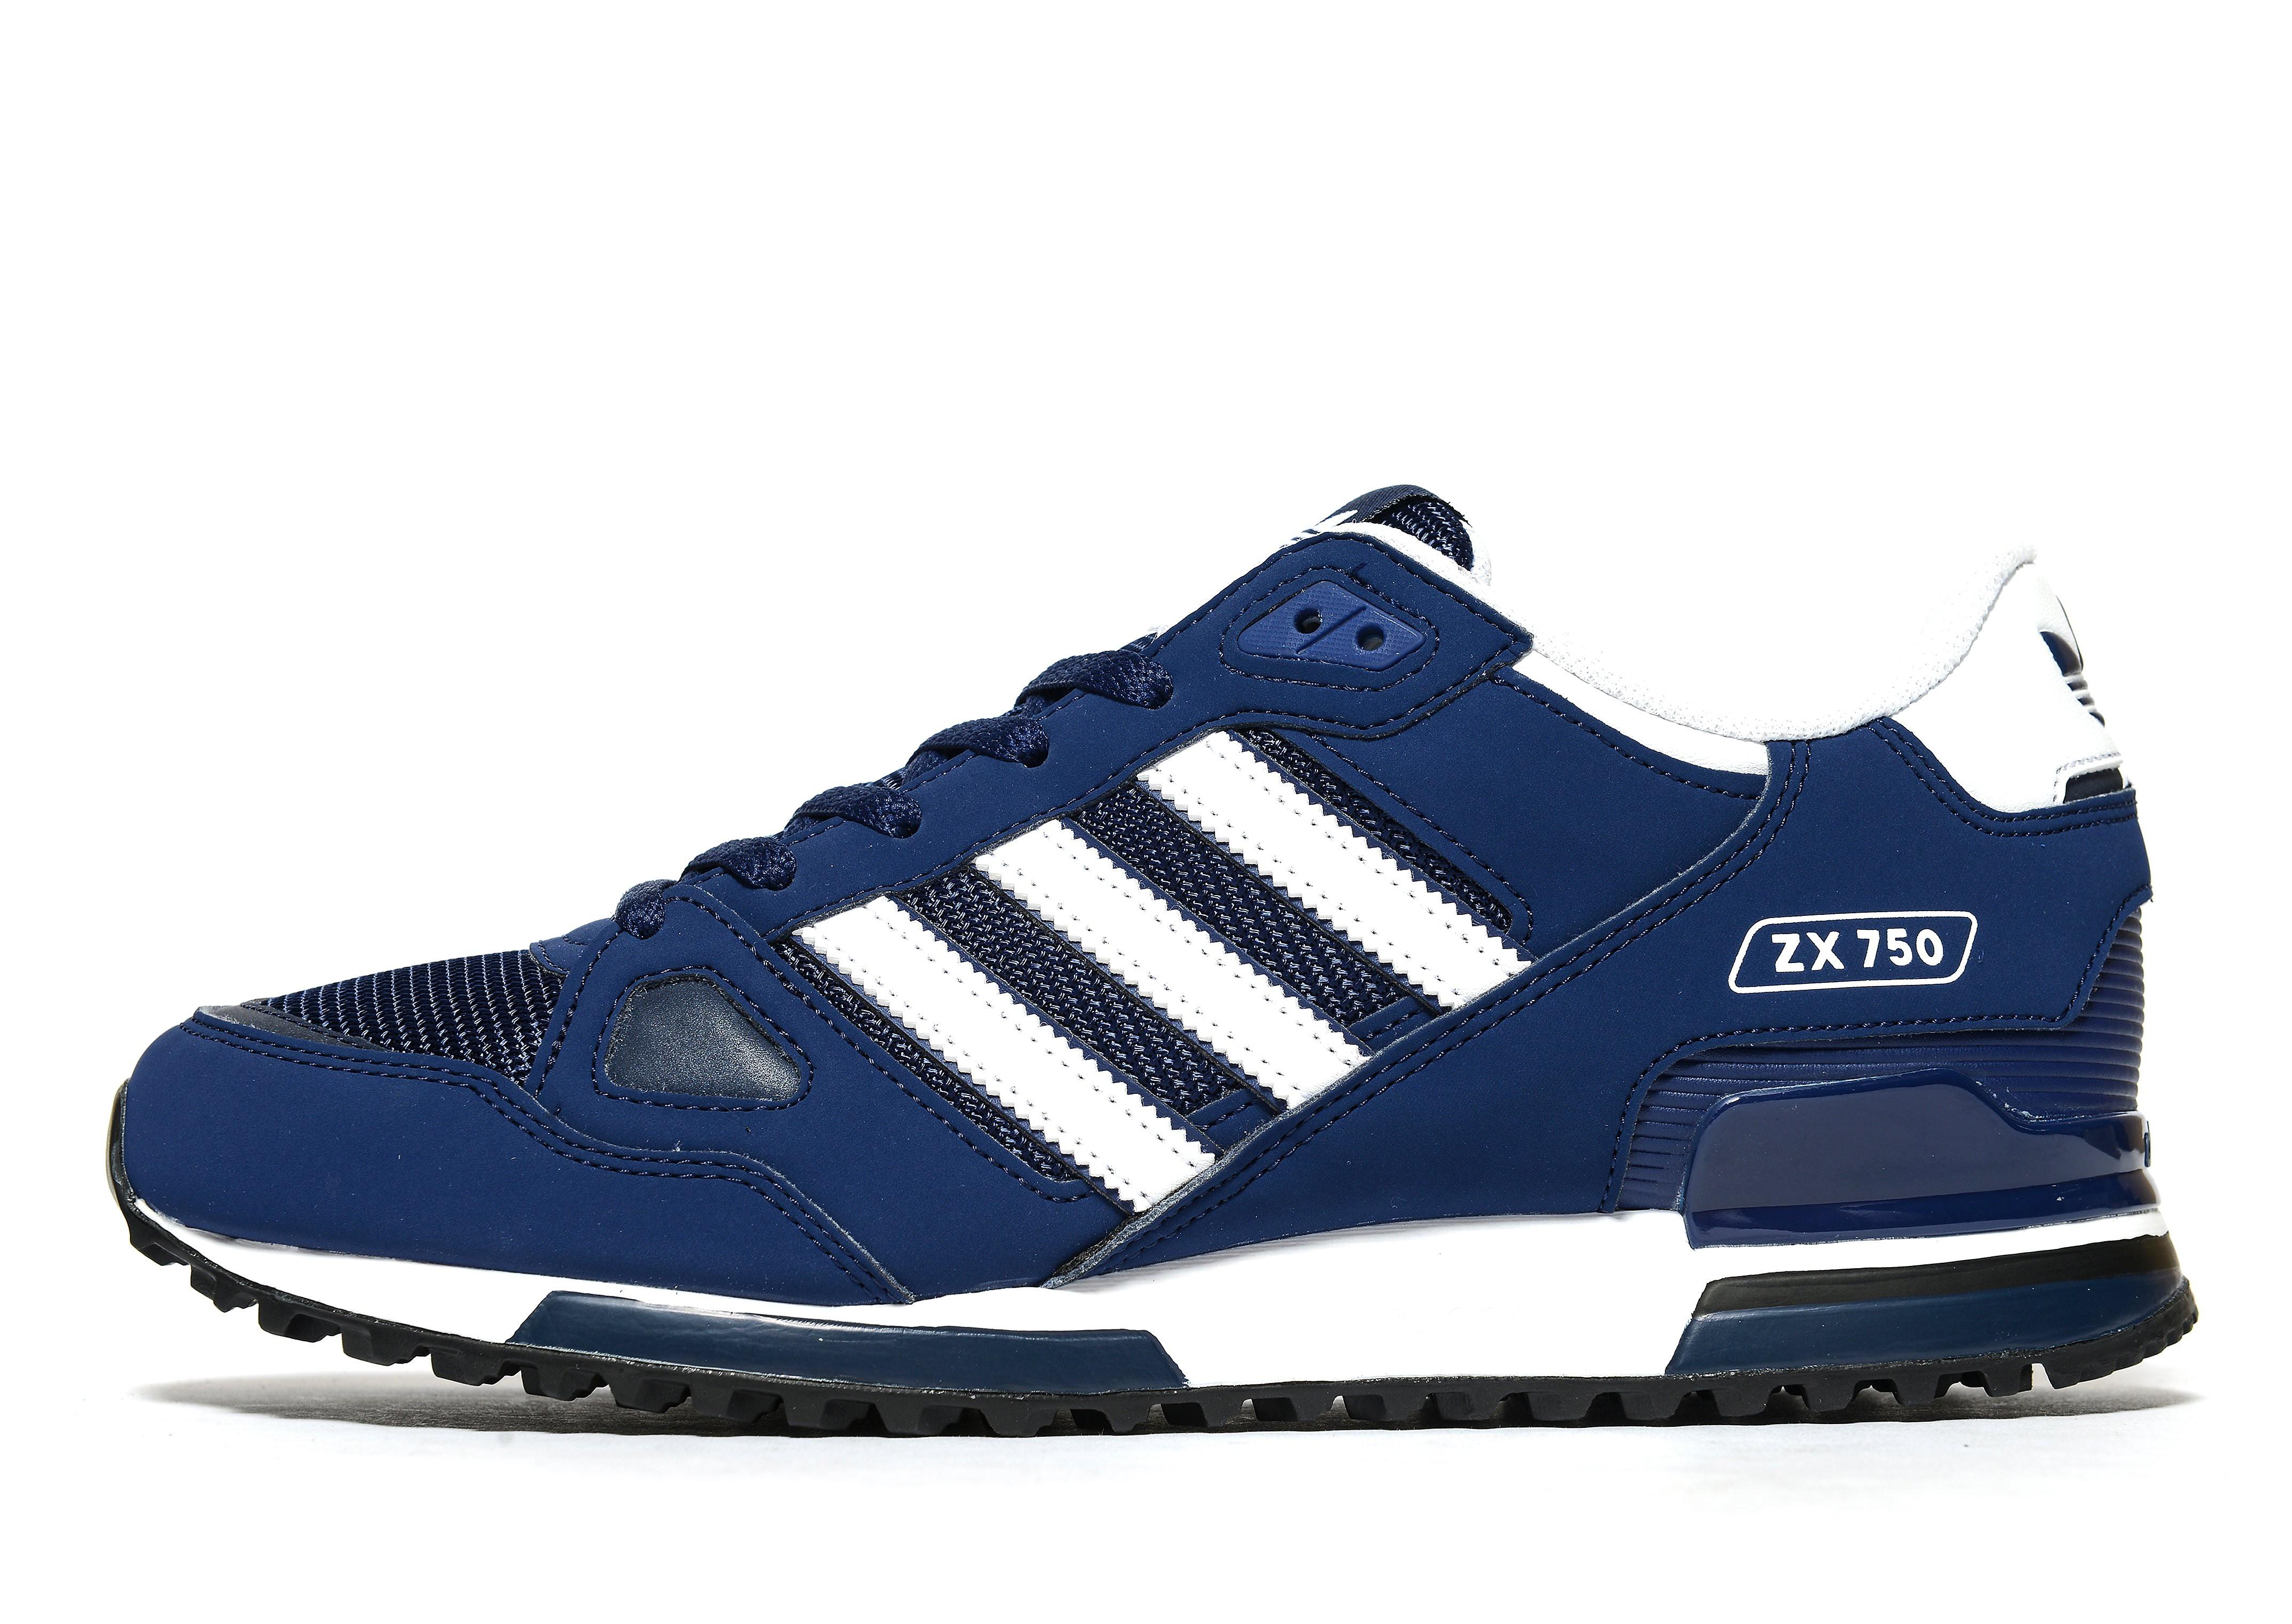 Adidas ZX 750 herensneaker blauw, zwart en wit